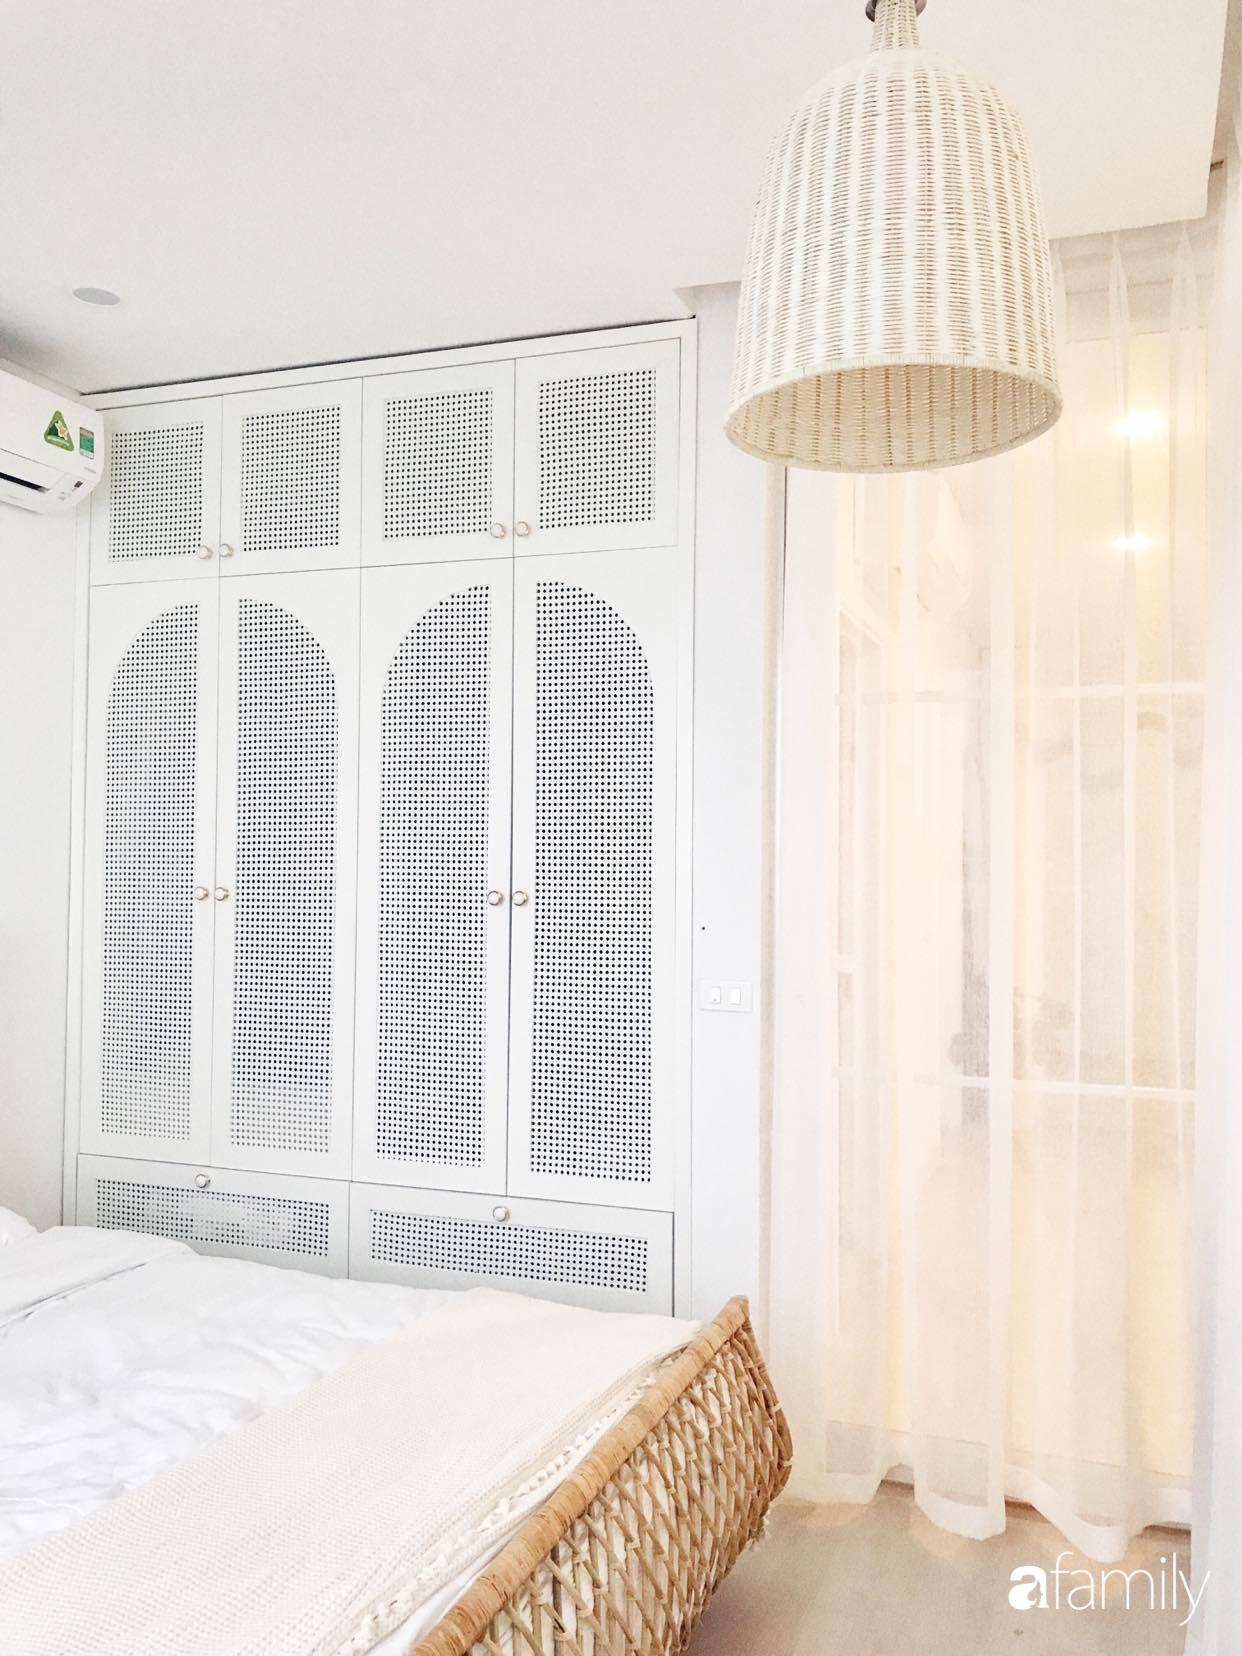 Căn hộ 80m2 view sông Hồng đẹp như thơ nhờ cách tự décor nội thất mộc mạc của nữ họa sĩ kiêm nhà thiết kế thời trang - Ảnh 15.